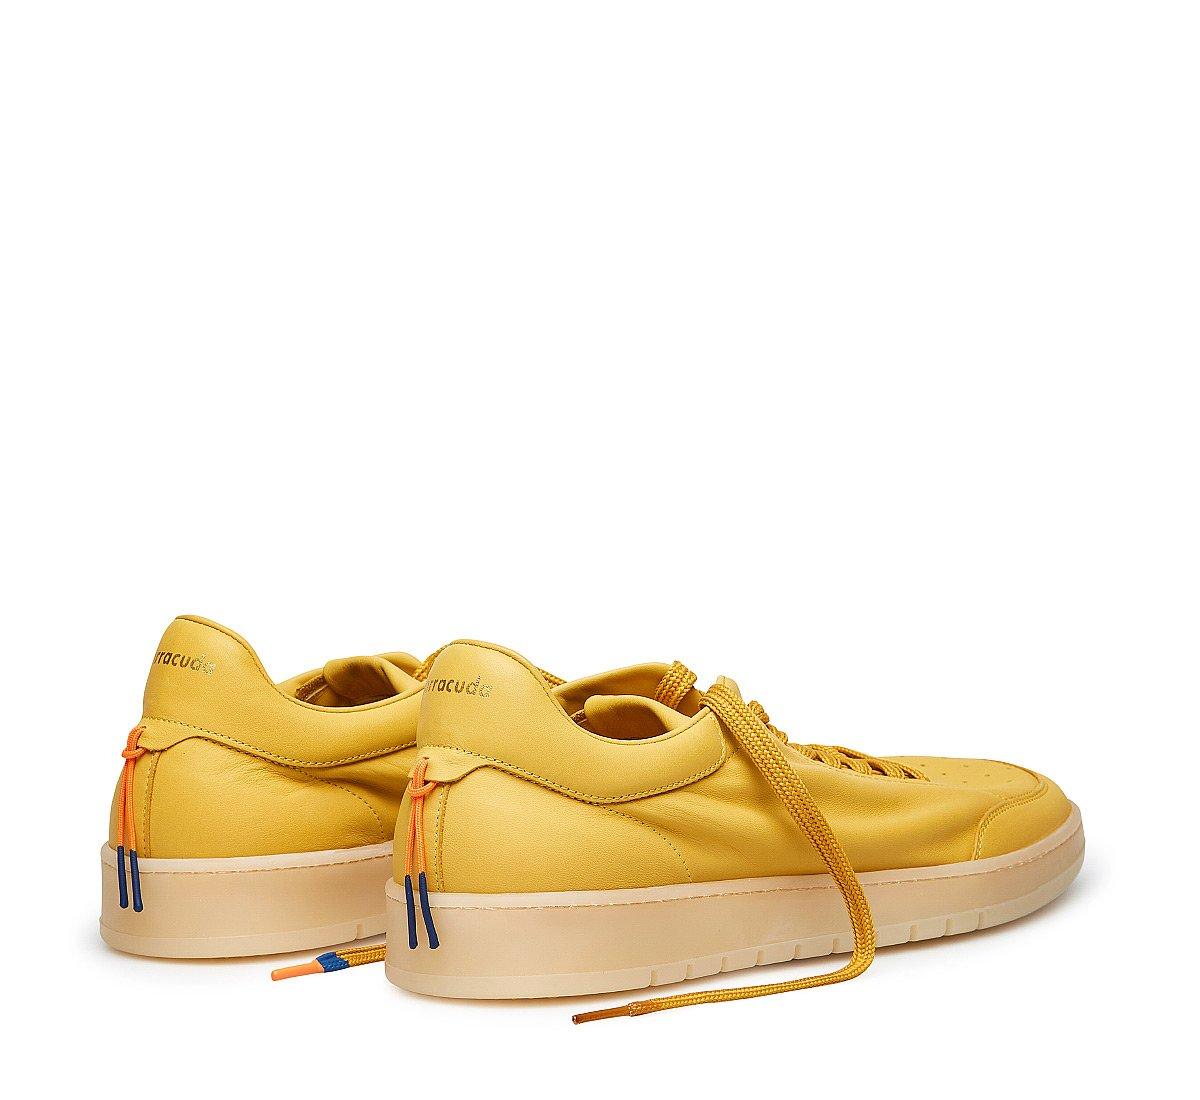 GUGA sneakers